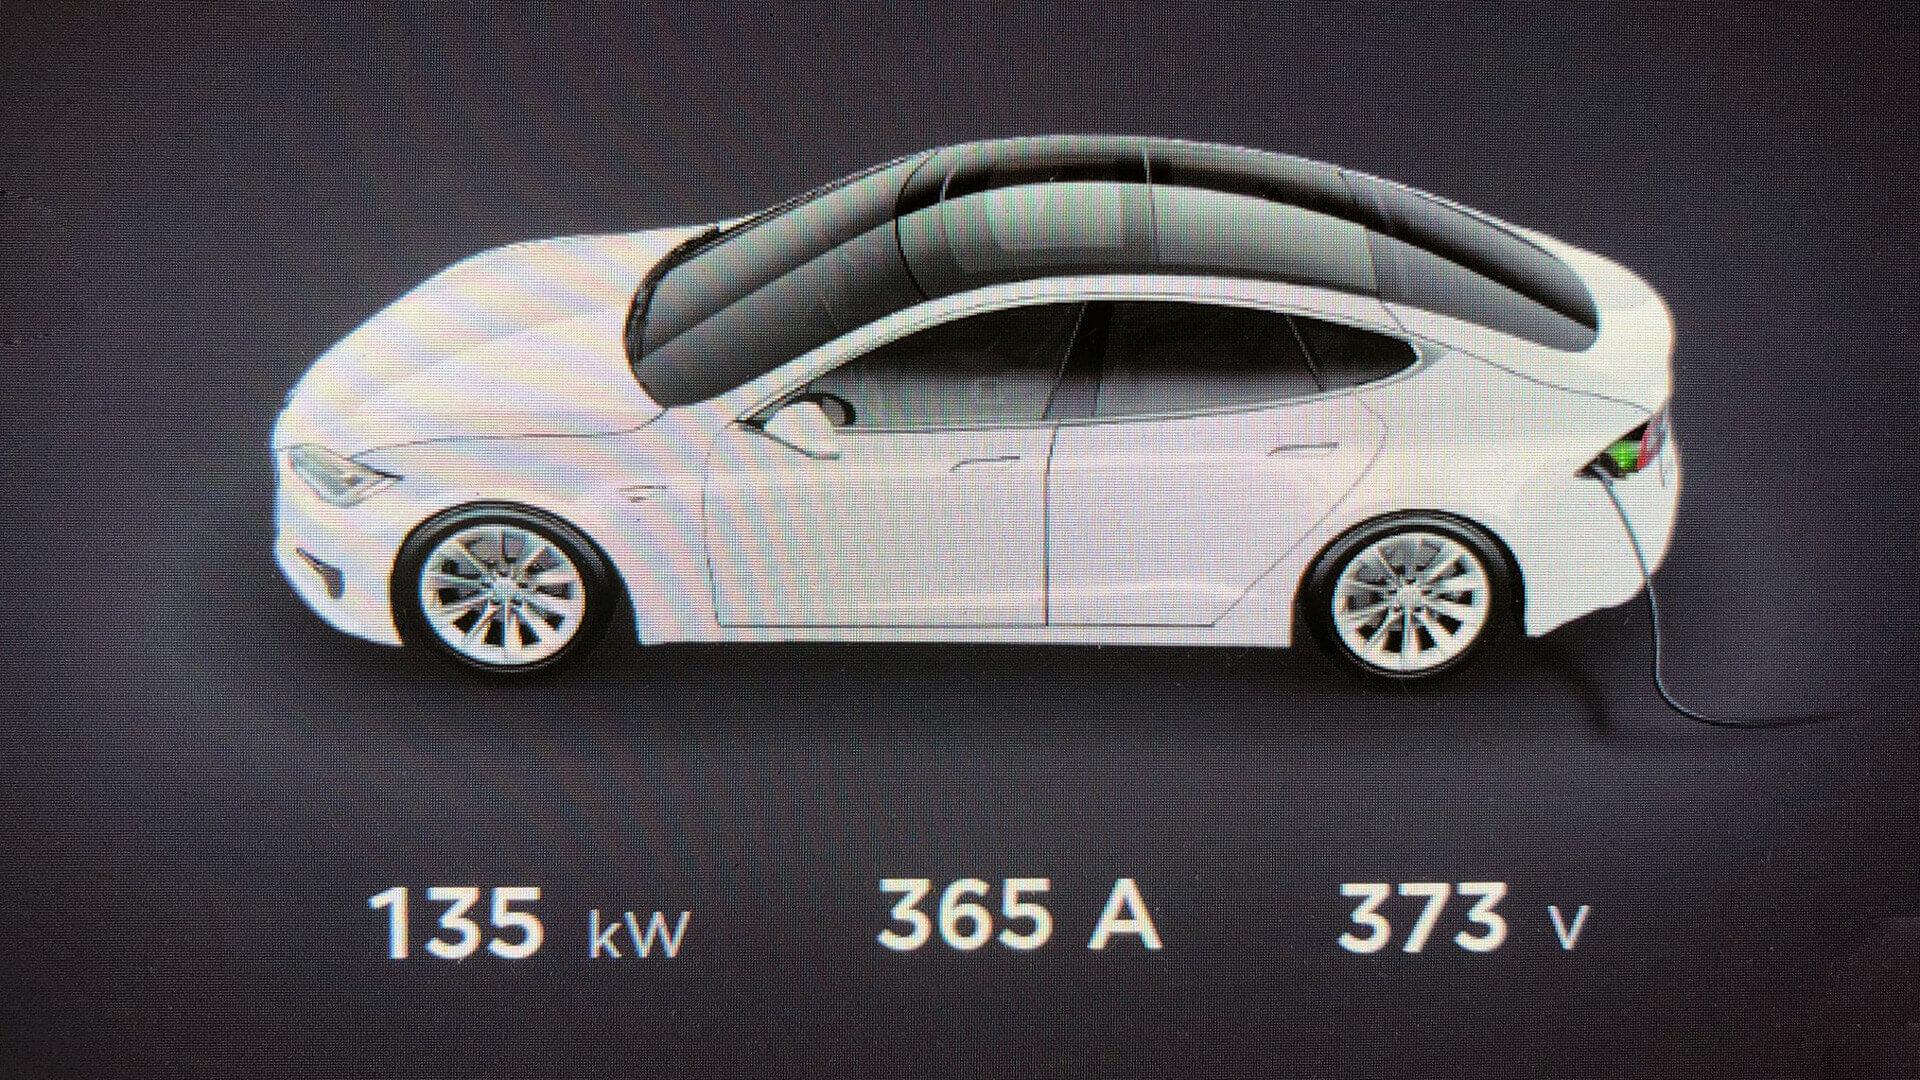 Tesla Model S заряжается с мощностью 135 кВт через адаптер CCS Combo 2